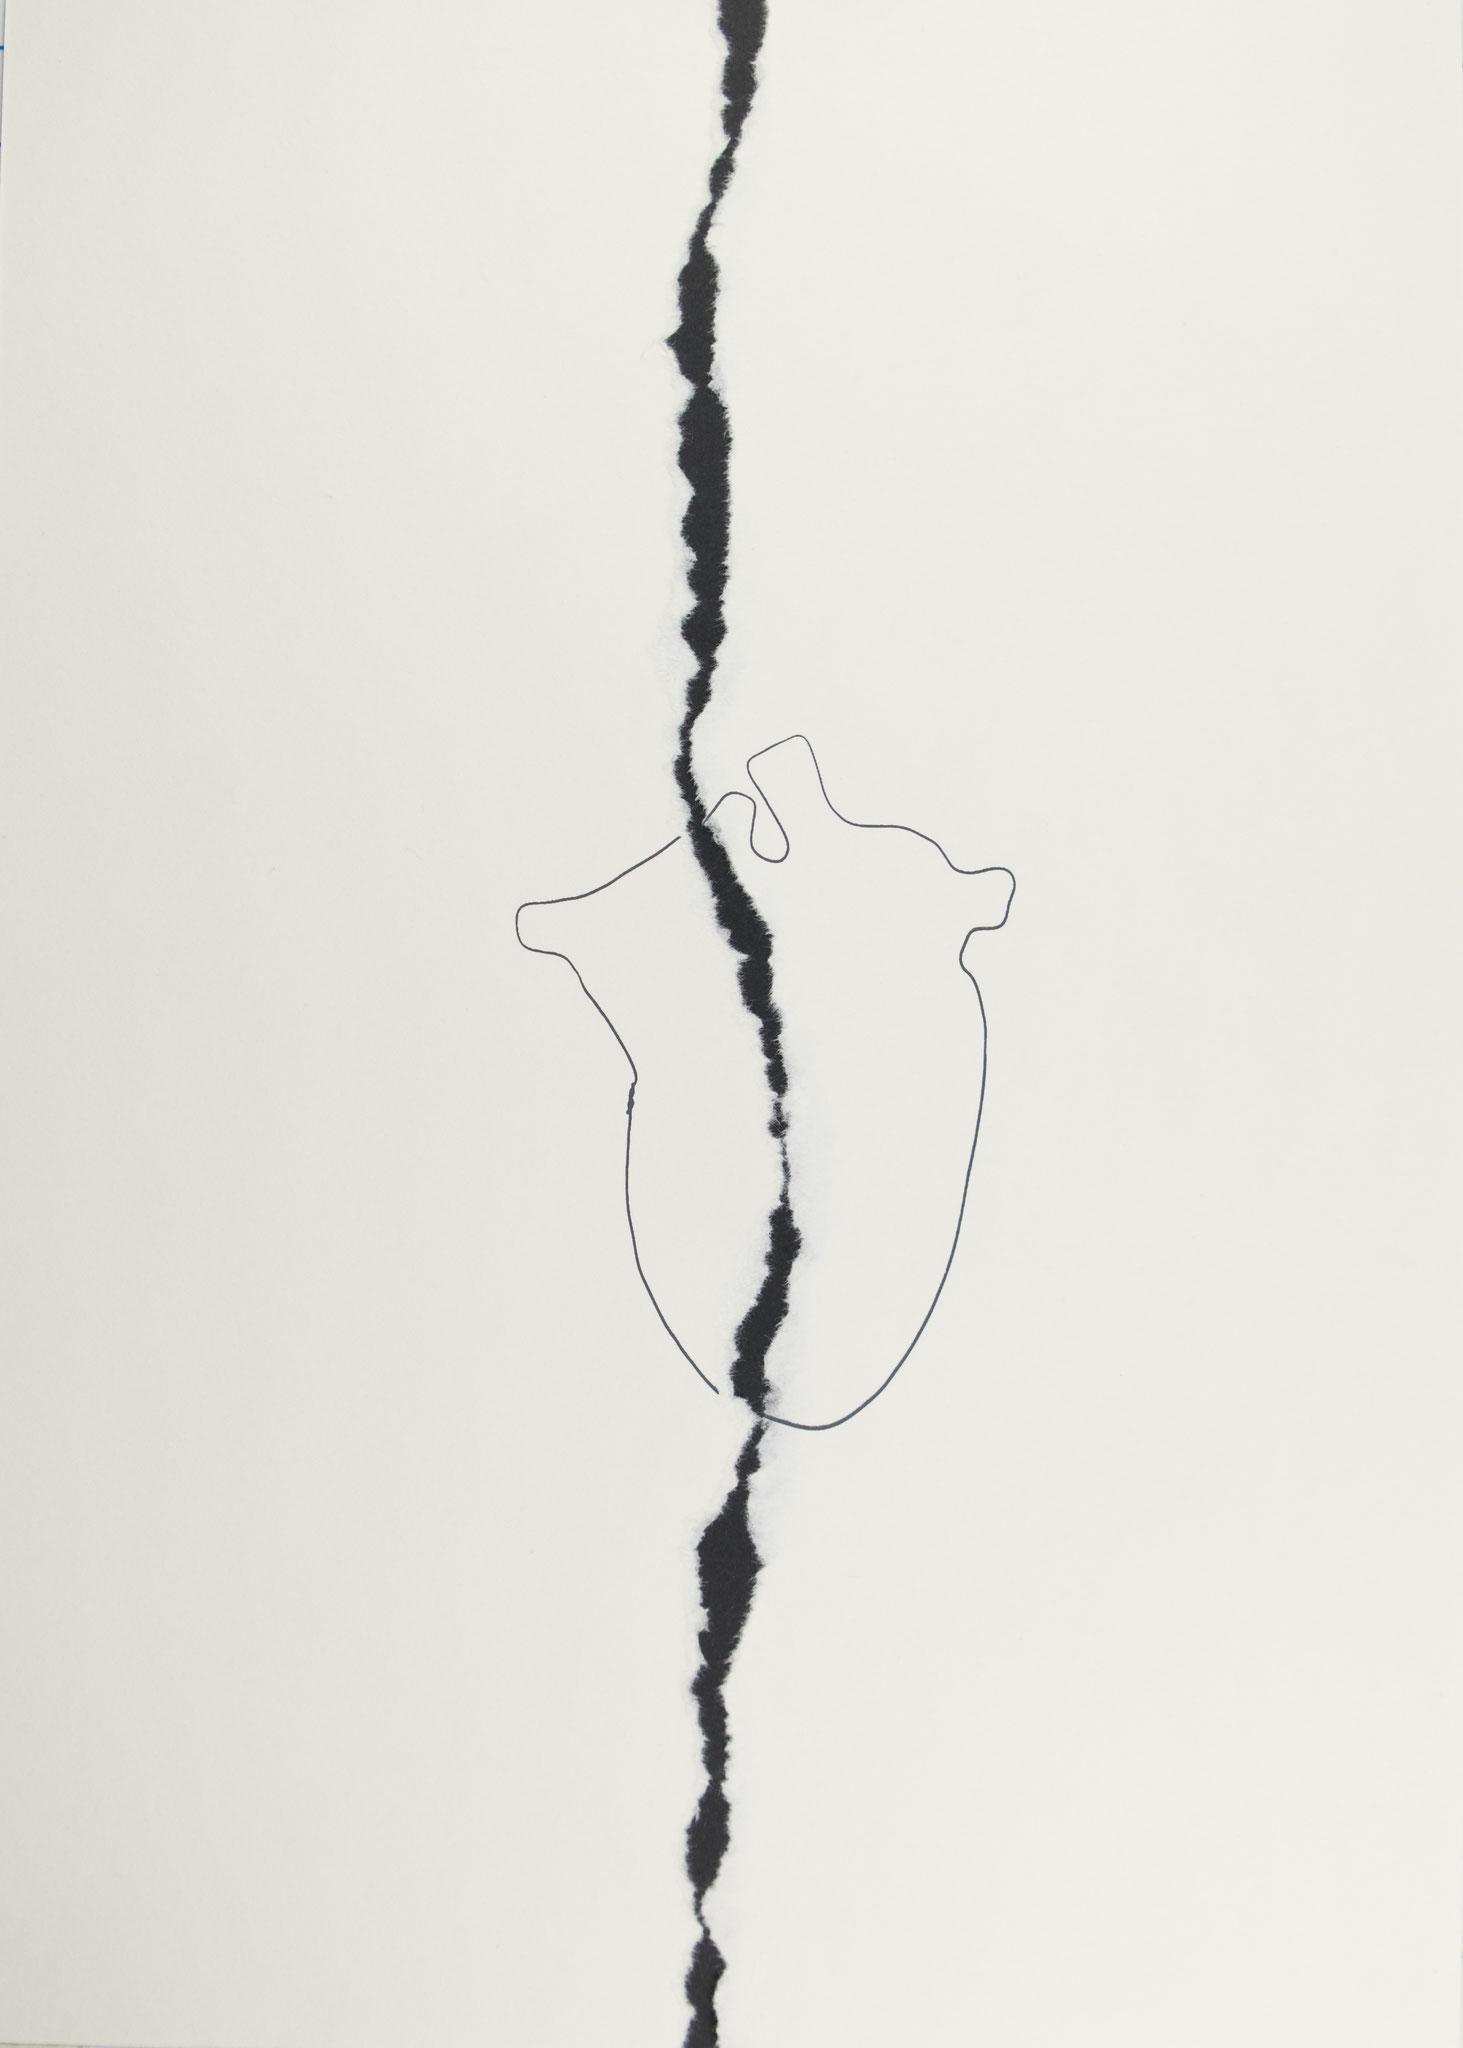 herz 91 | siebdruck | 42x29,7cm | 2019